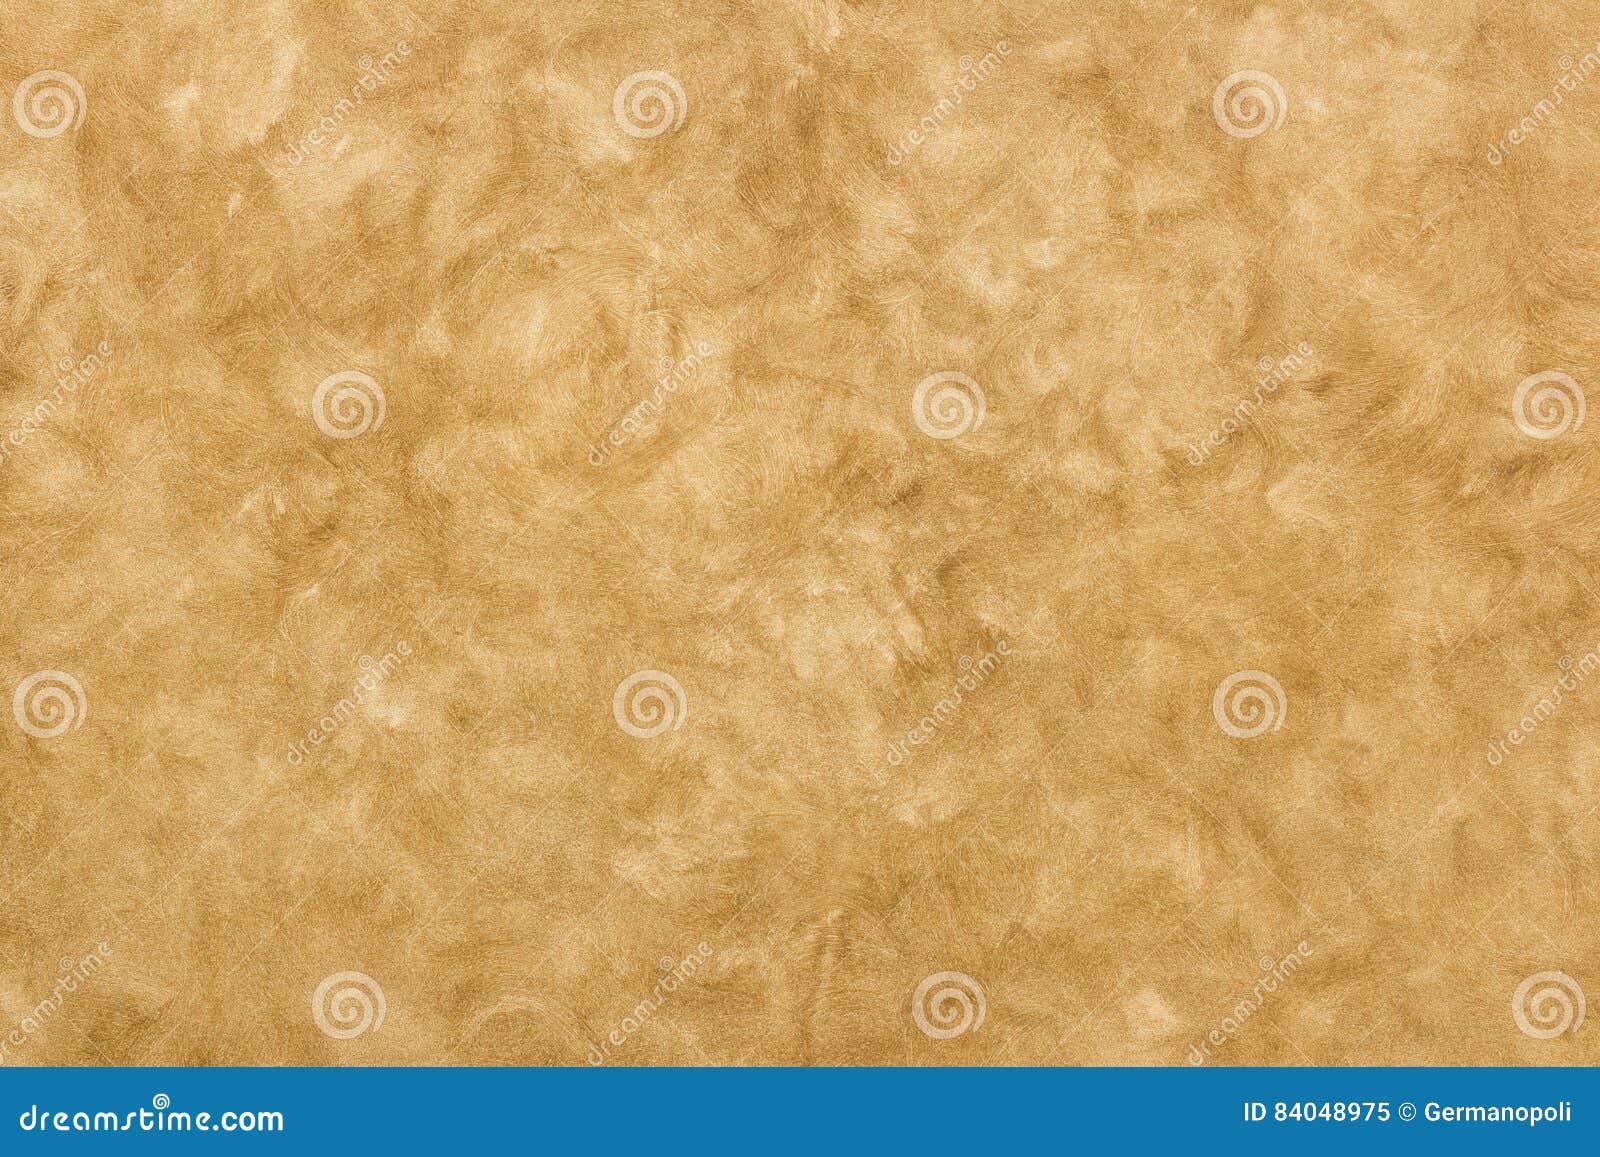 Pareti Color Terra Di Siena.Parete Della Terra Di Siena Immagine Stock Immagine Di Background Robusto 84048975